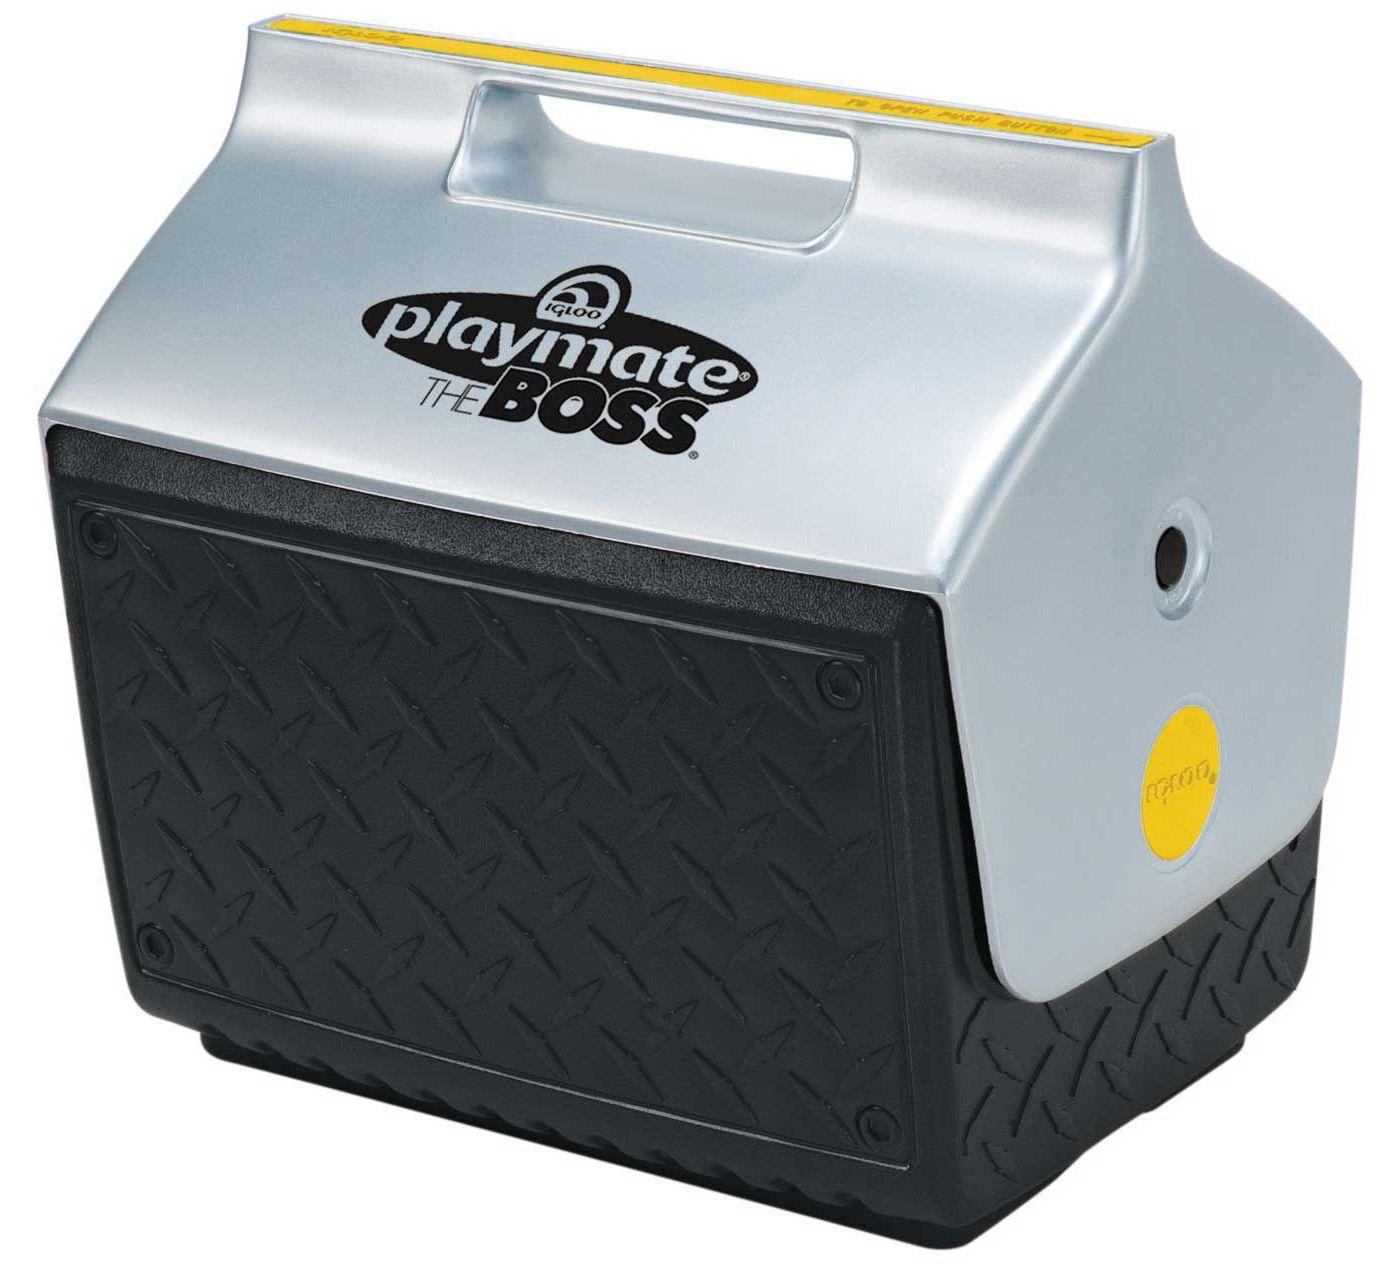 Igloo Playmate the Boss 14 Quart Cooler